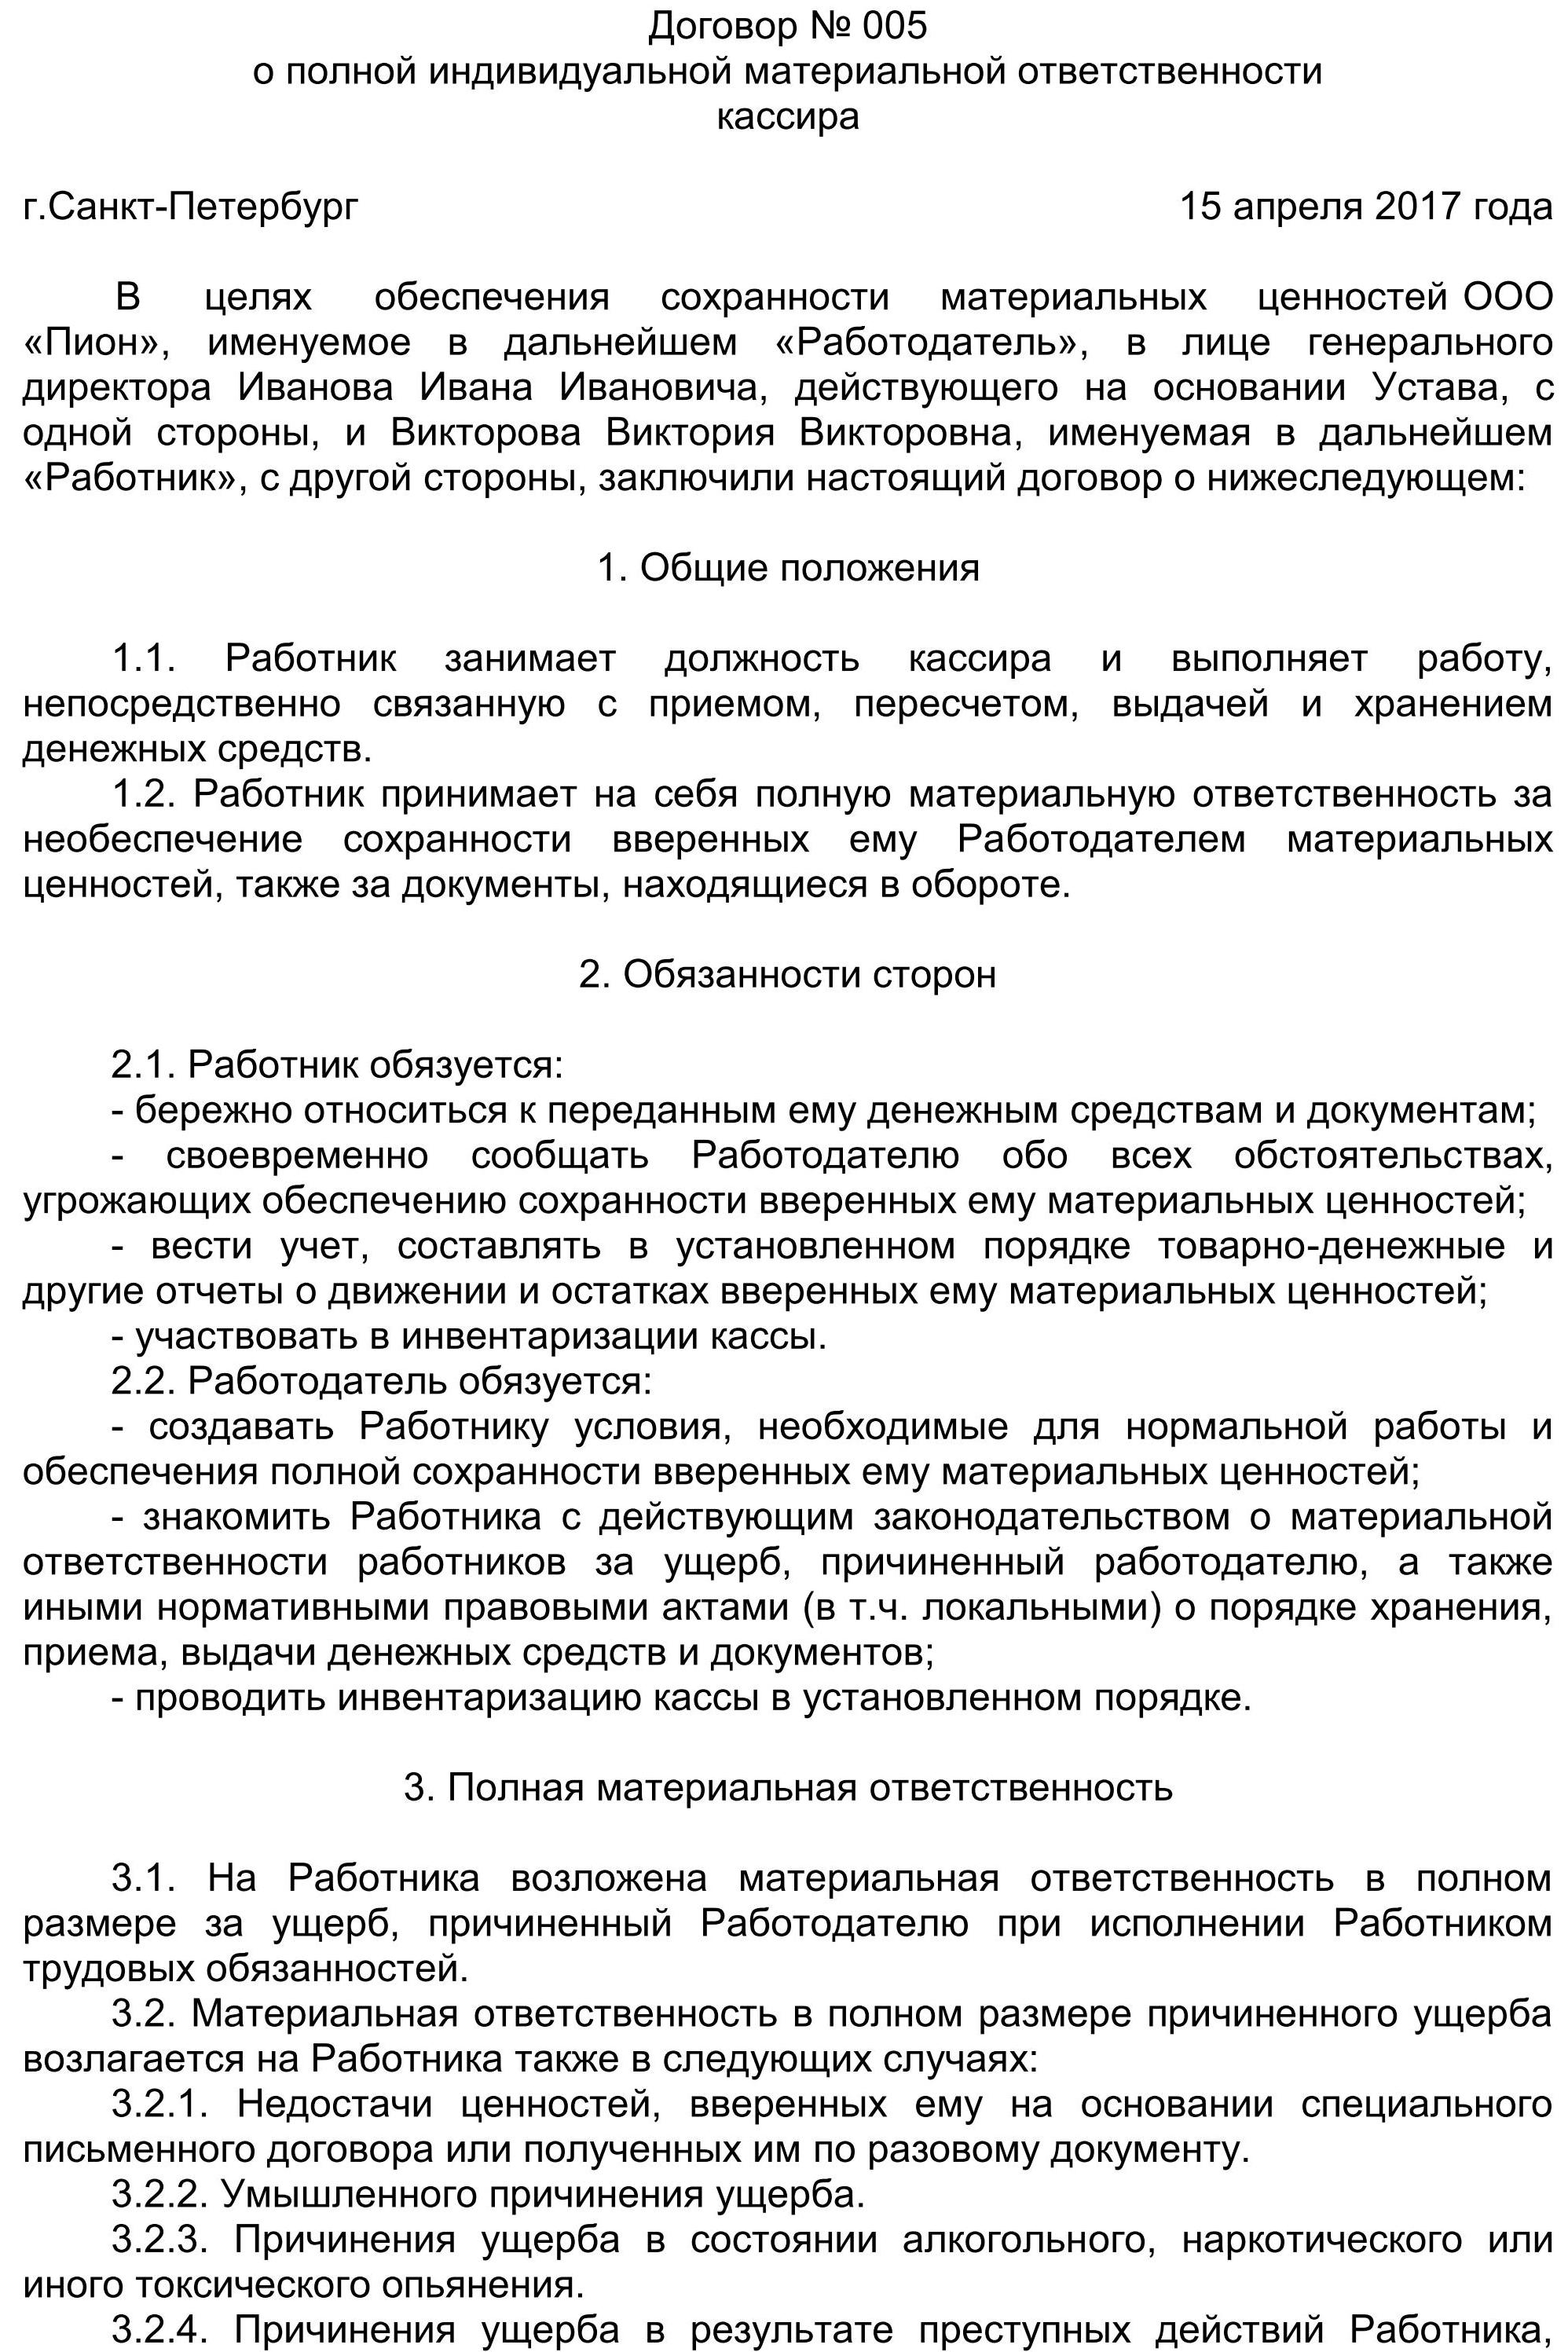 Реформа следственного комитета в 2019 году последние новости